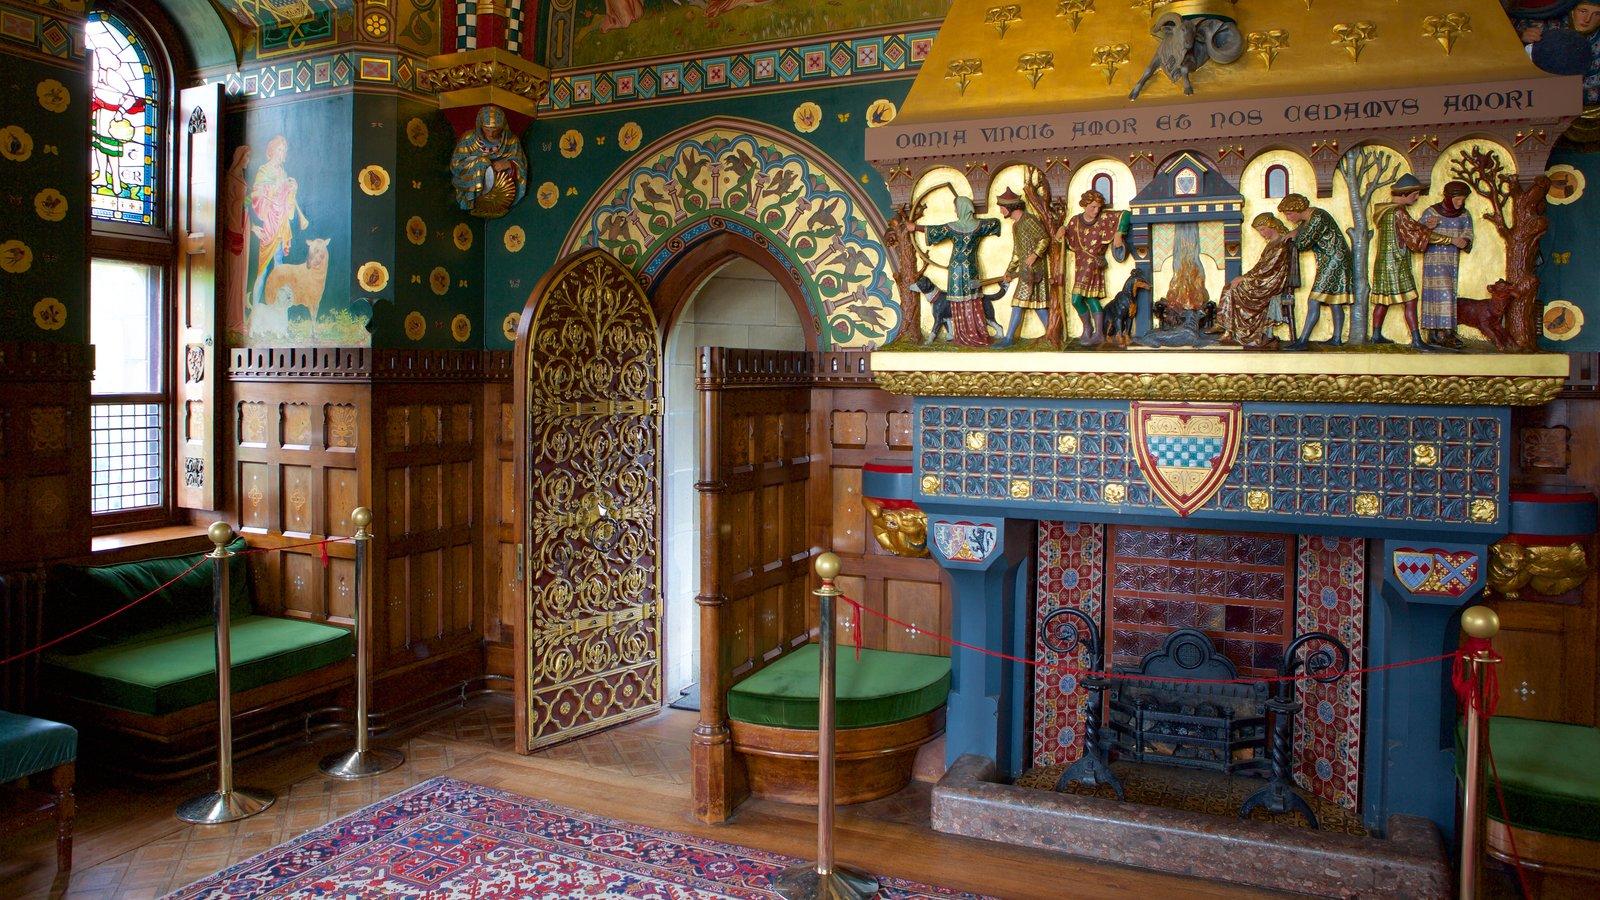 Castelo de Cardiff que inclui elementos de patrimônio, vistas internas e um castelo